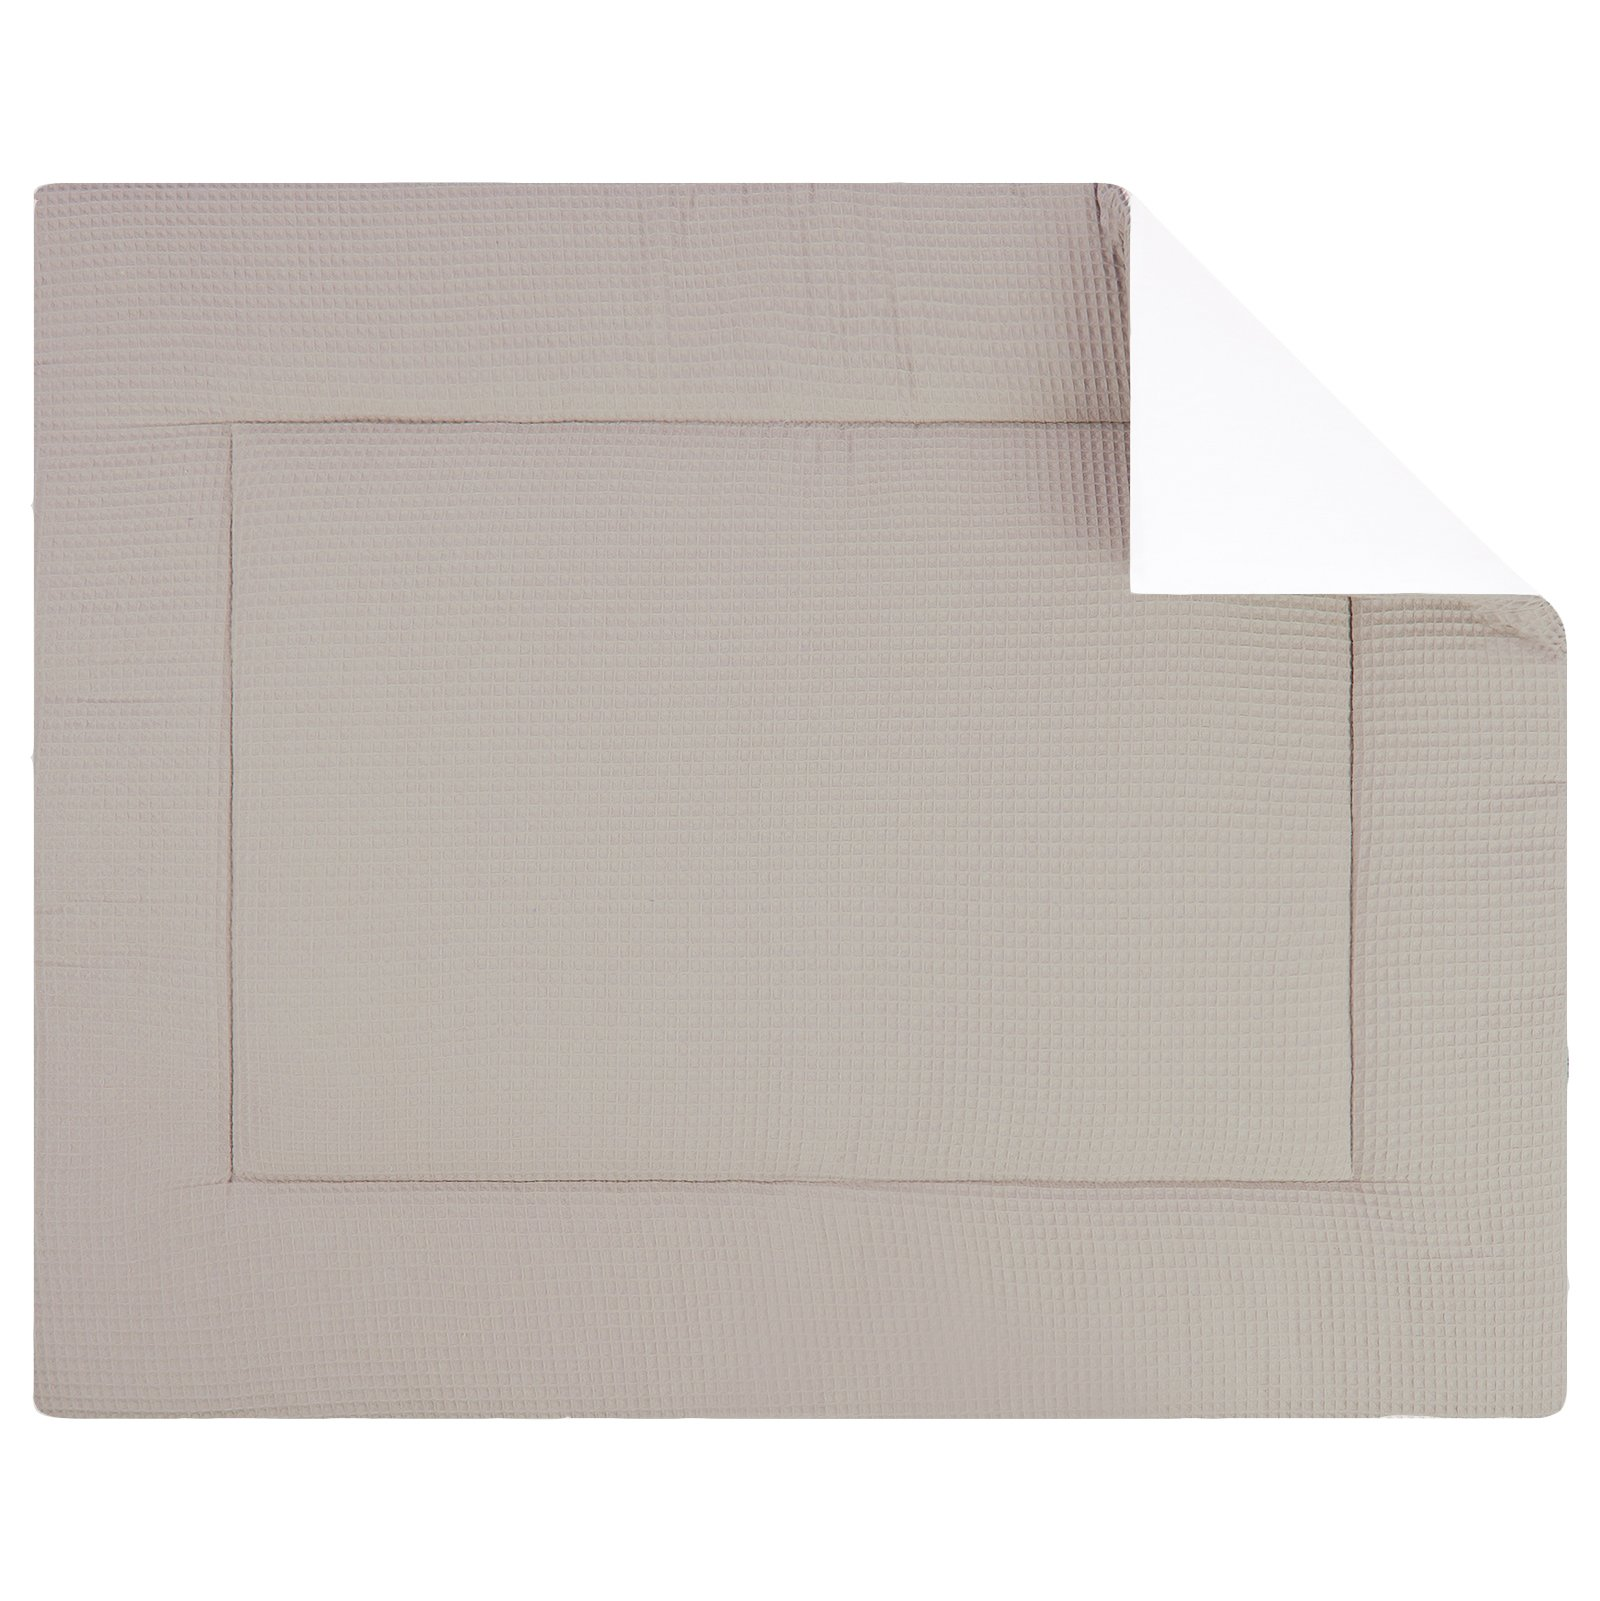 Boxkleed Pique wafel zand. Mooi speelkleed van zacht wafelkatoen in zand/beige. Standaard in de maat 80x100 cm. Ook andere maten mogelijk.